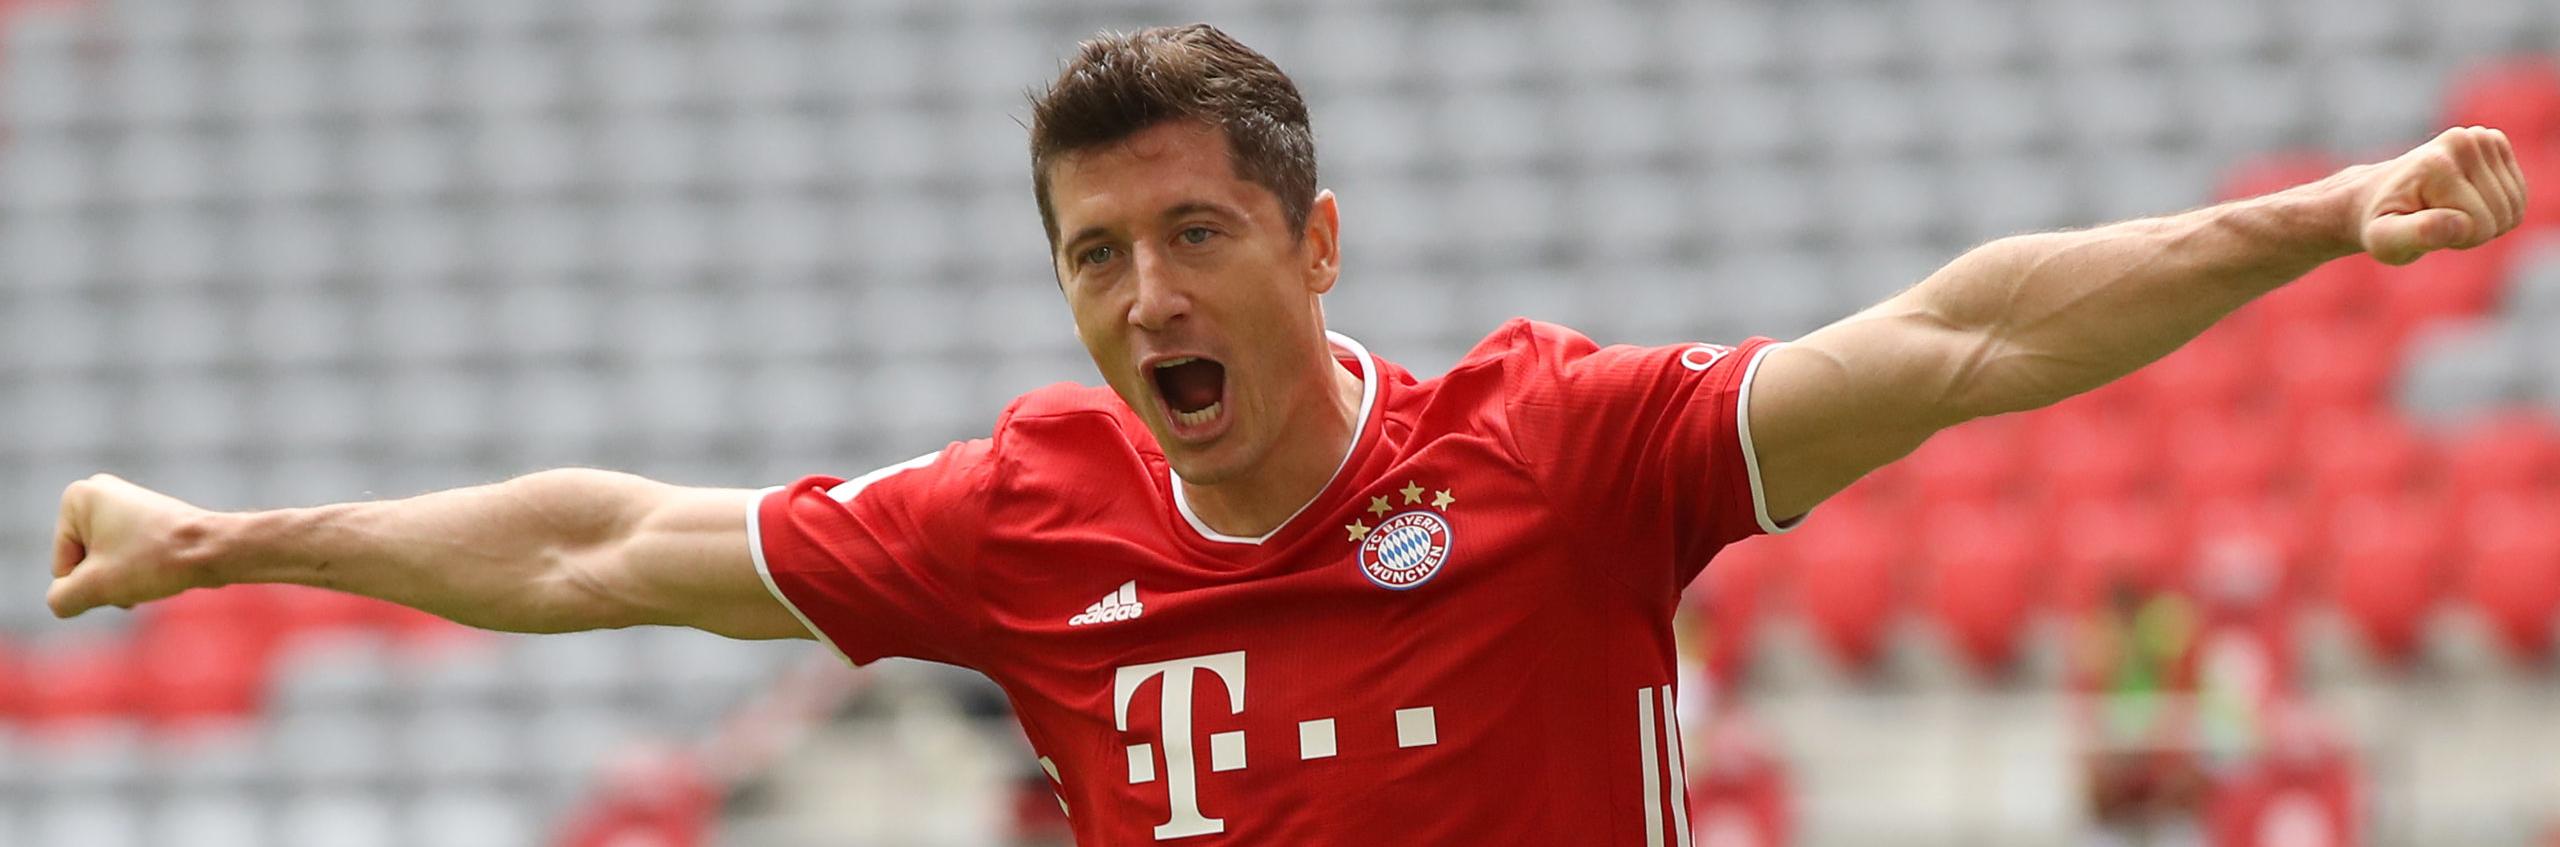 Pronostici Bundesliga: le partite dell'ultima giornata di campionato